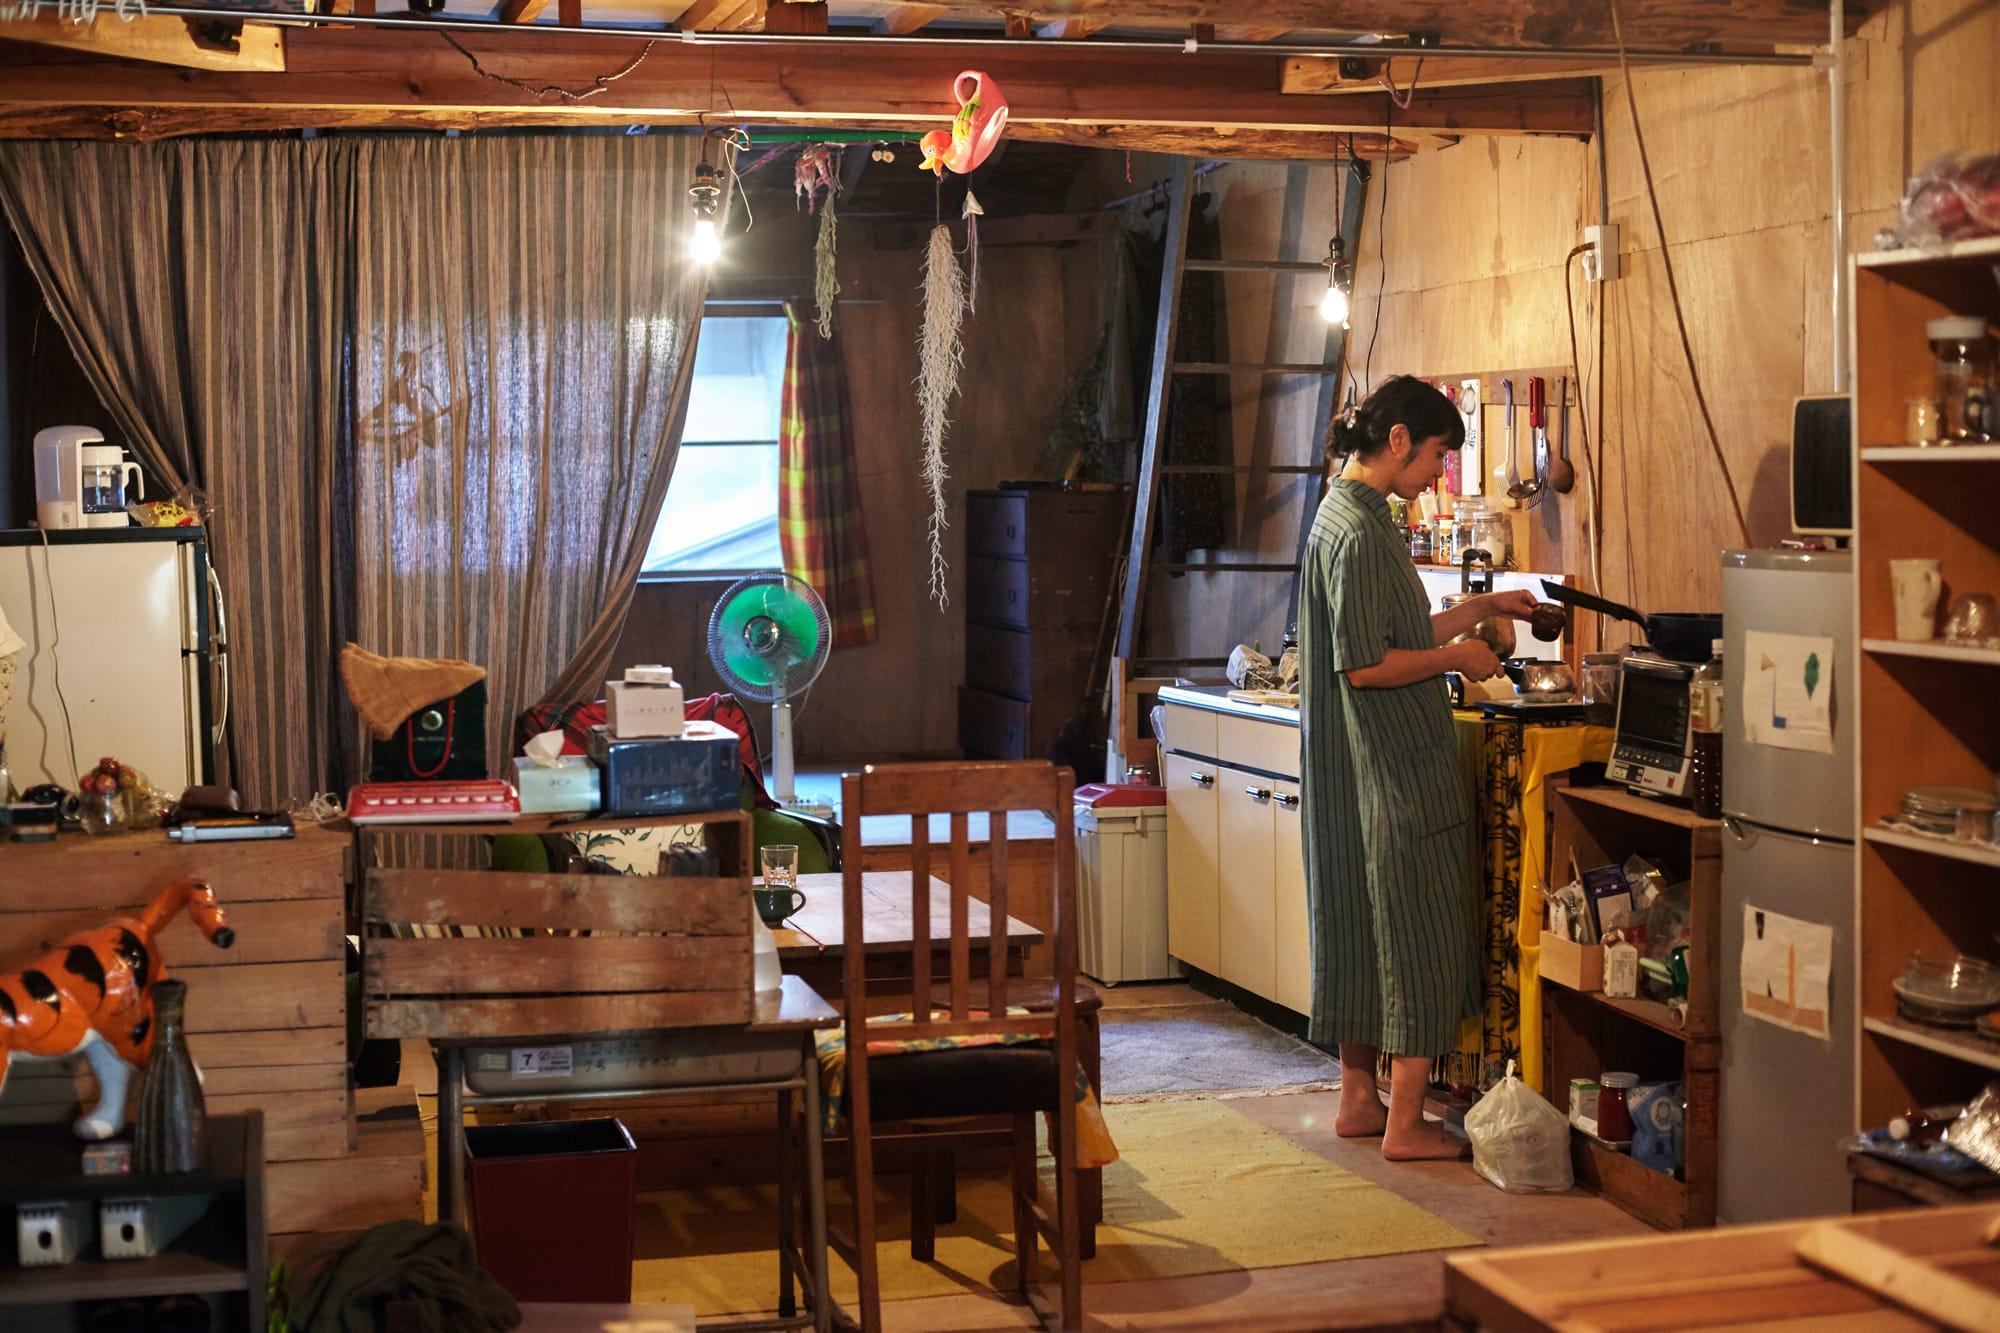 細長い部屋を二つに分け、半分はアトリエ、もう半分はキッチン、リビング、寝室として使っている。